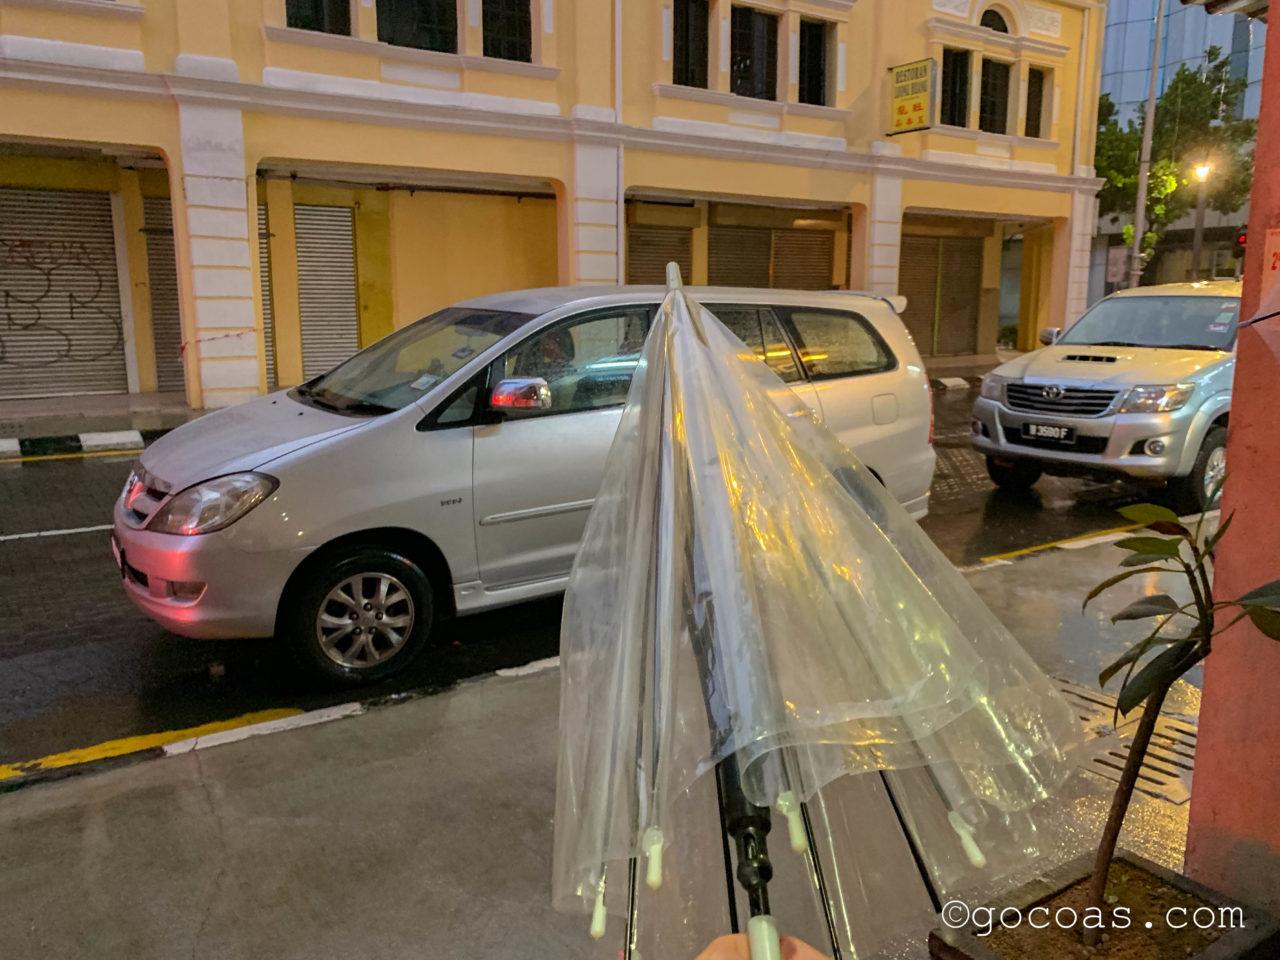 ザ エクスプローラー ゲストハウスで貸してくれた傘